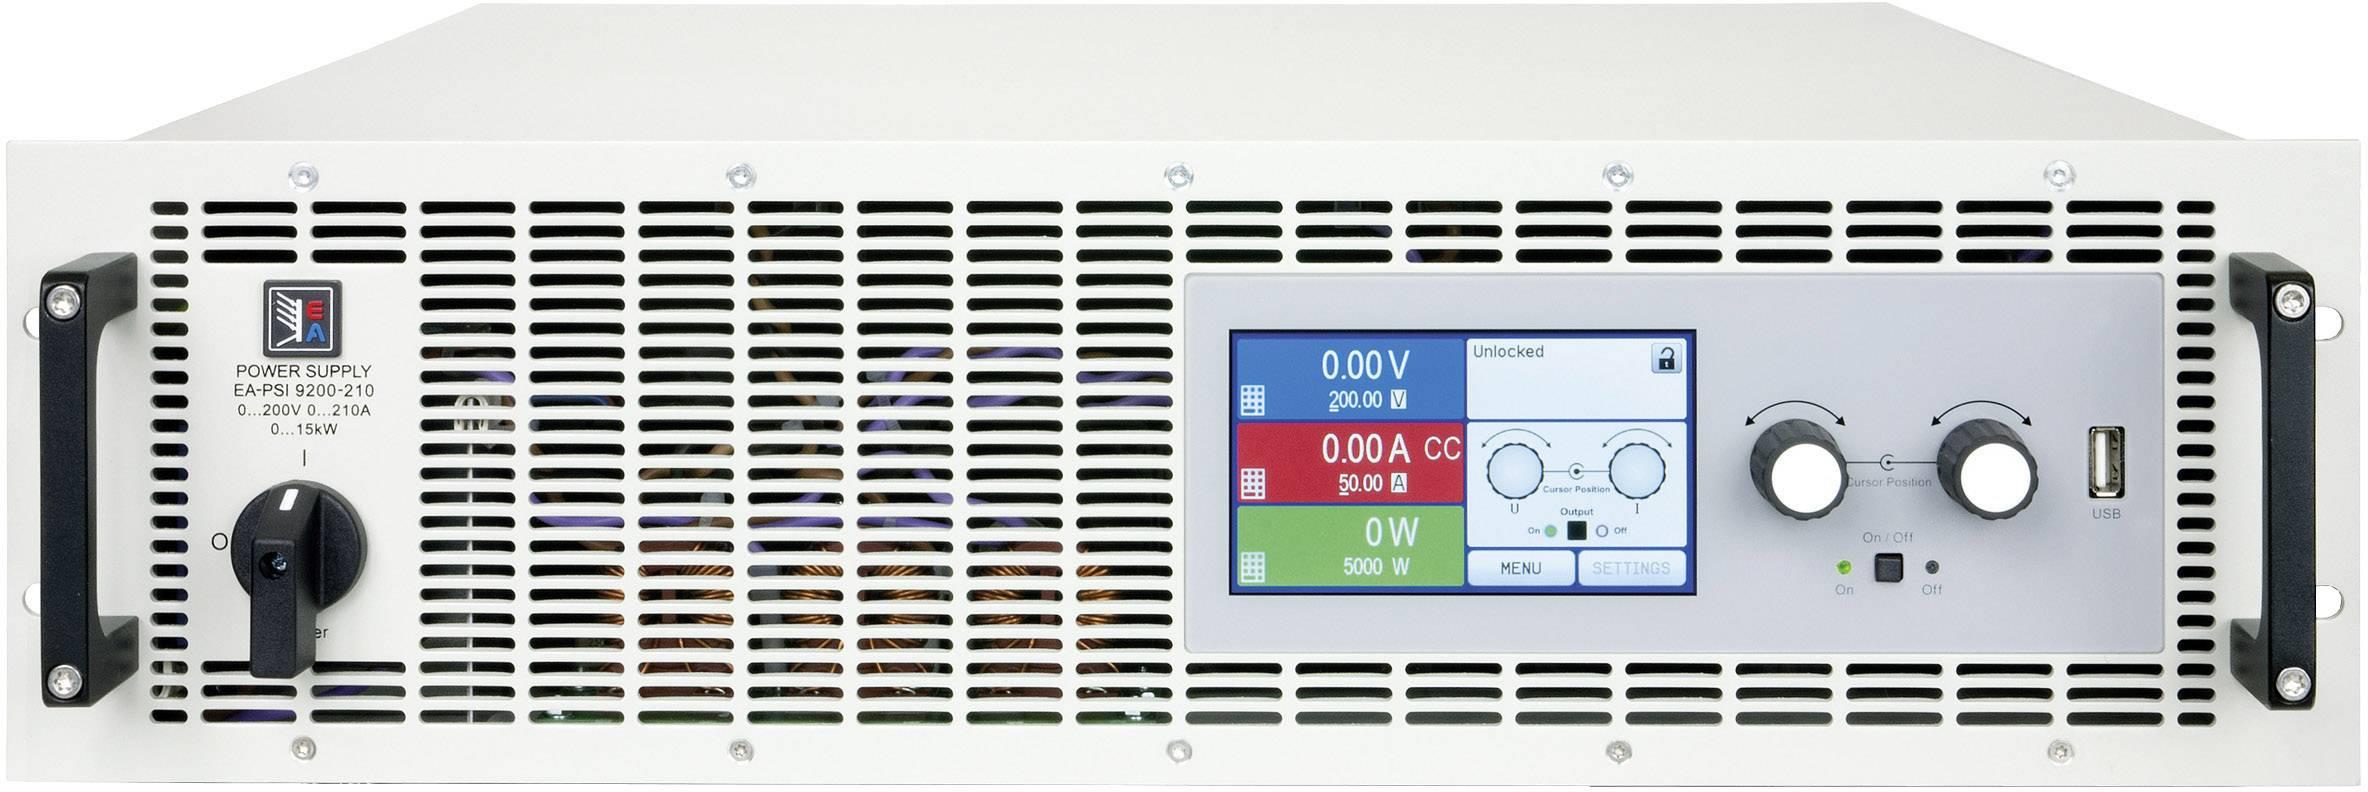 Programovateľný laboratórny zdroj EA EA-PSI 91000-30, 3U, 1000 V, 30 A, 10000 W, USB